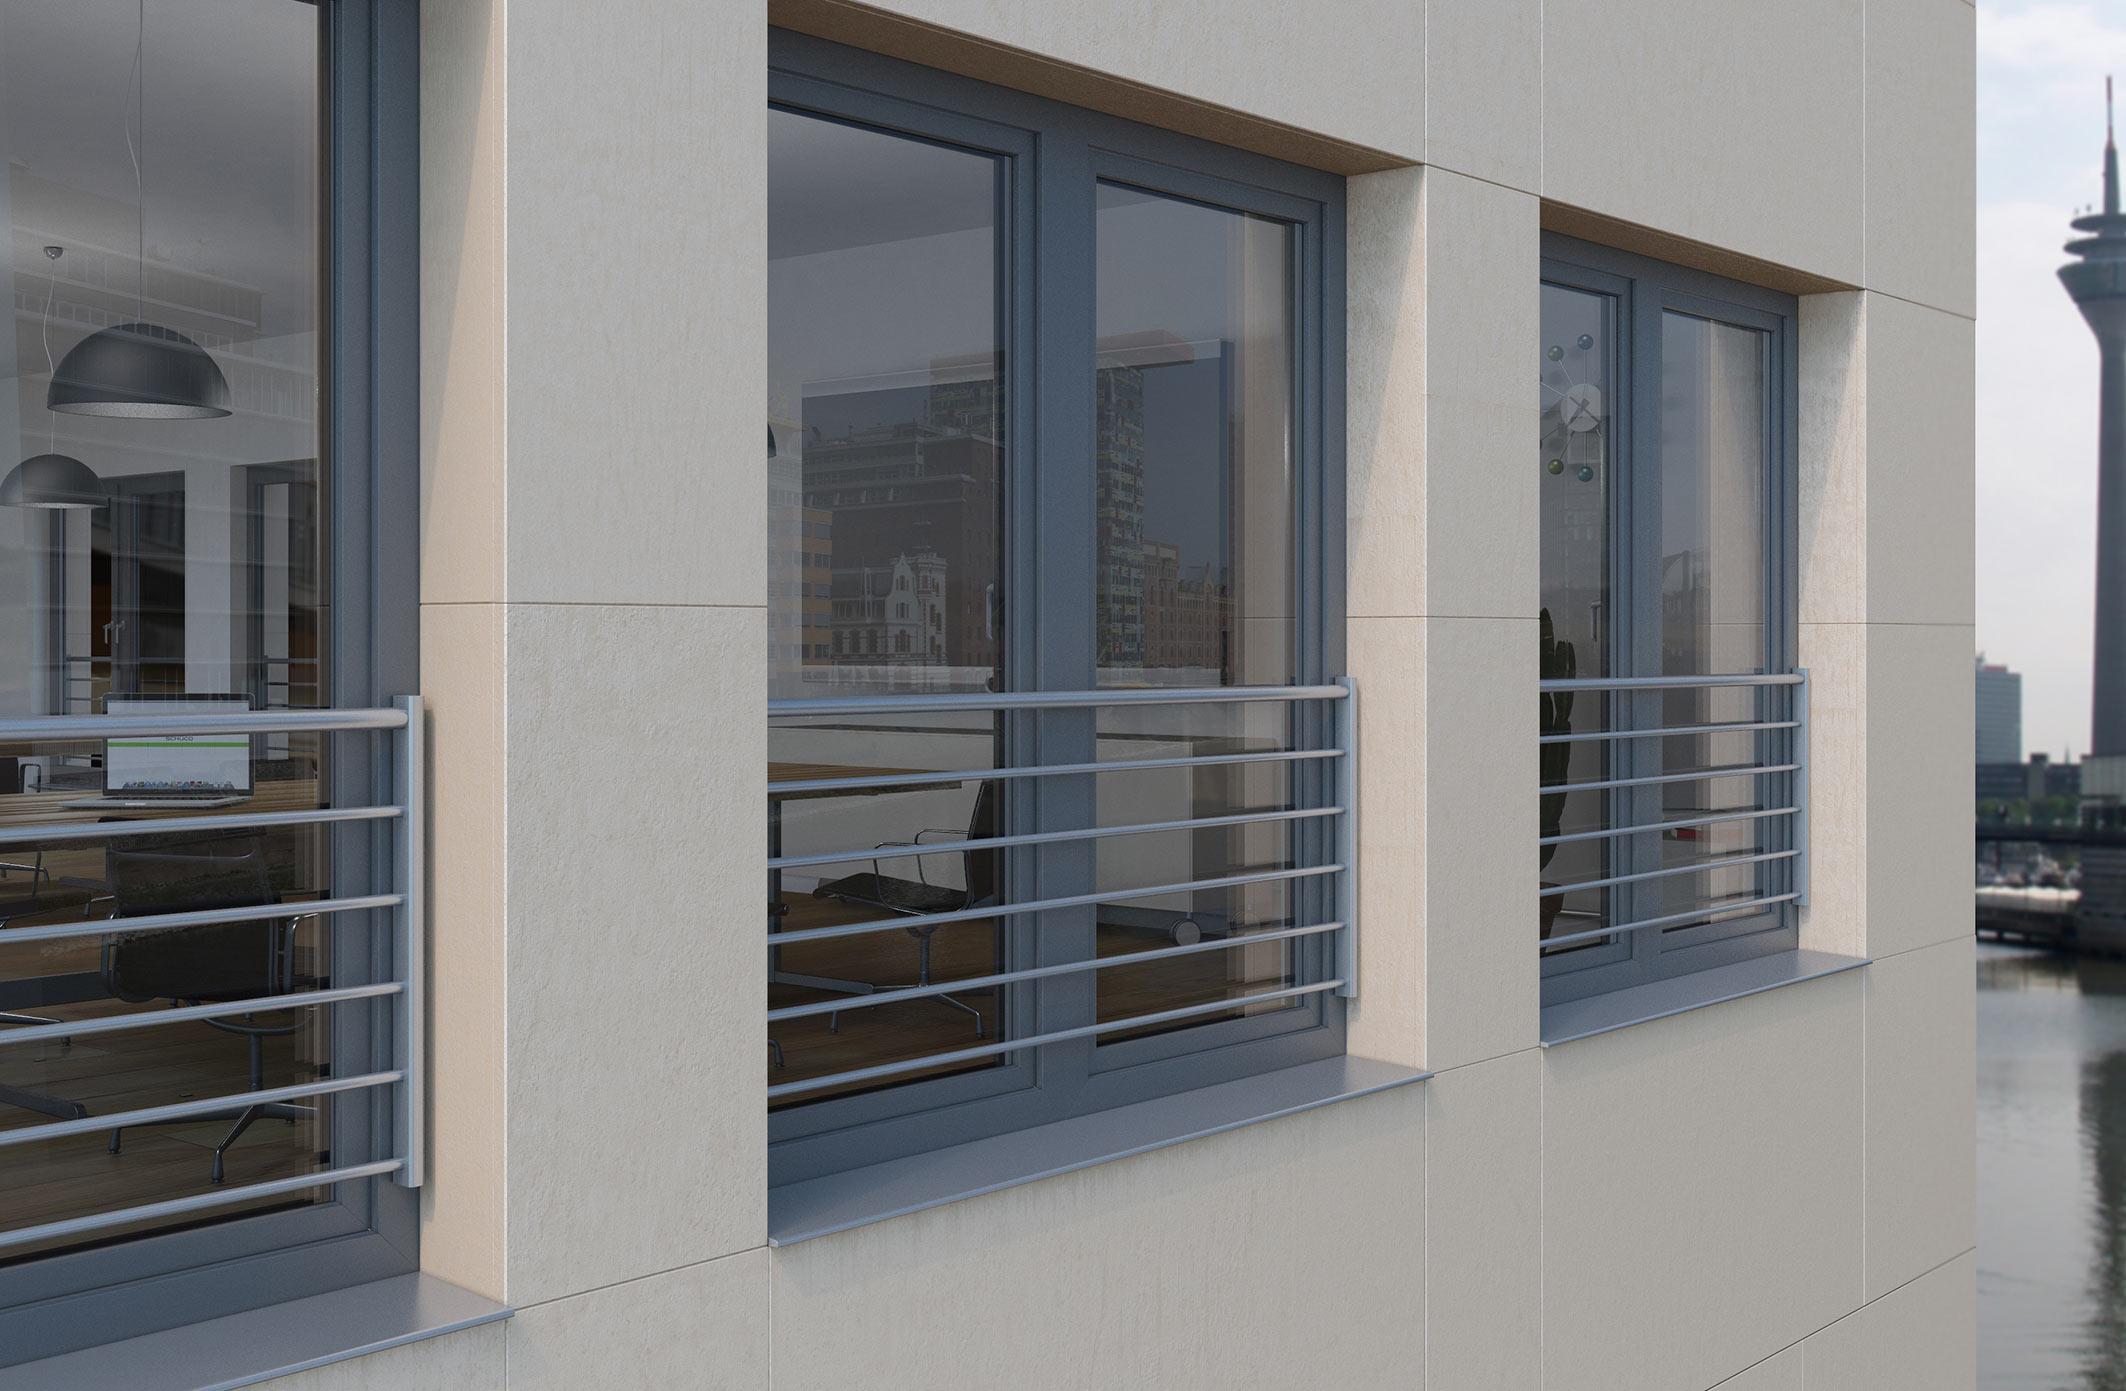 Full Size of Fenster Schüco Absturzsicherungen Fr Bodentiefe Schco Kunststoff Trier Bauhaus Veka Jalousien Innen Alarmanlage Fliegengitter Rollos Ohne Bohren Roro Fenster Fenster Schüco